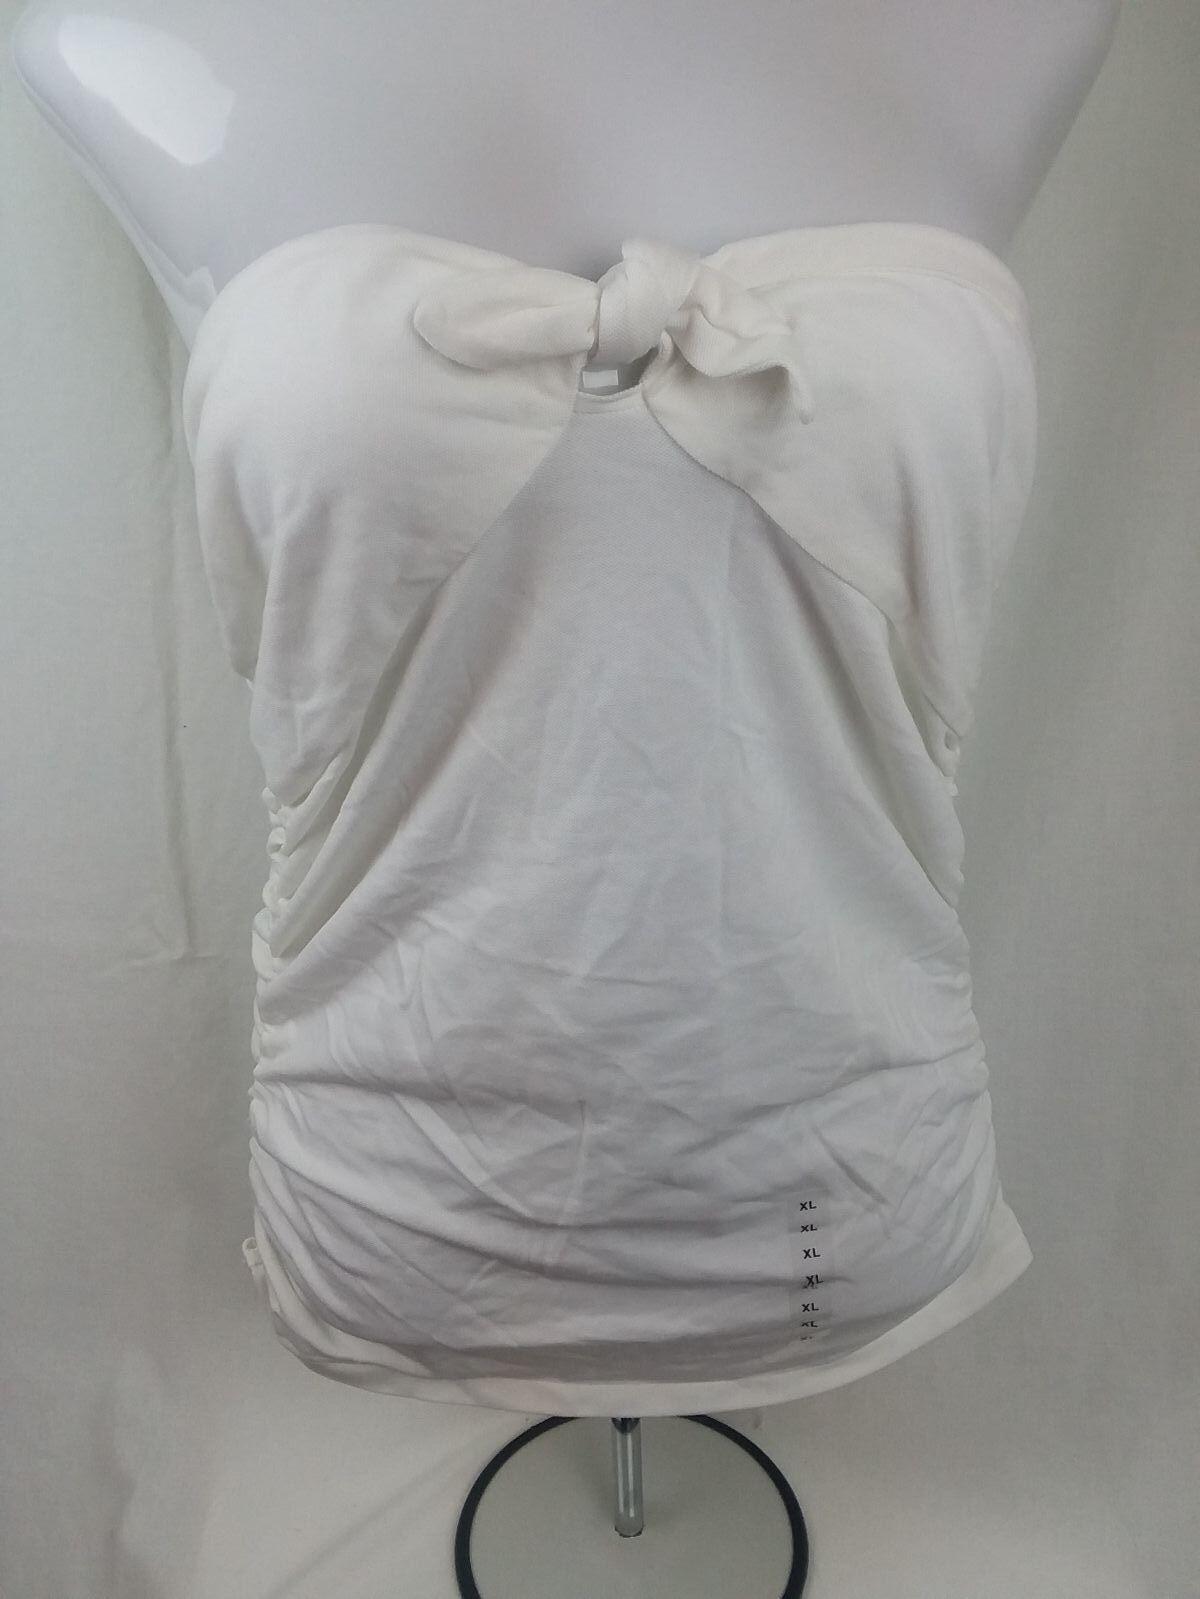 NWT RALPH LAUREN damen Weiß SLEEVELESS TIE TUBE TOP SEXY SLIMMING STRAPLESS XL